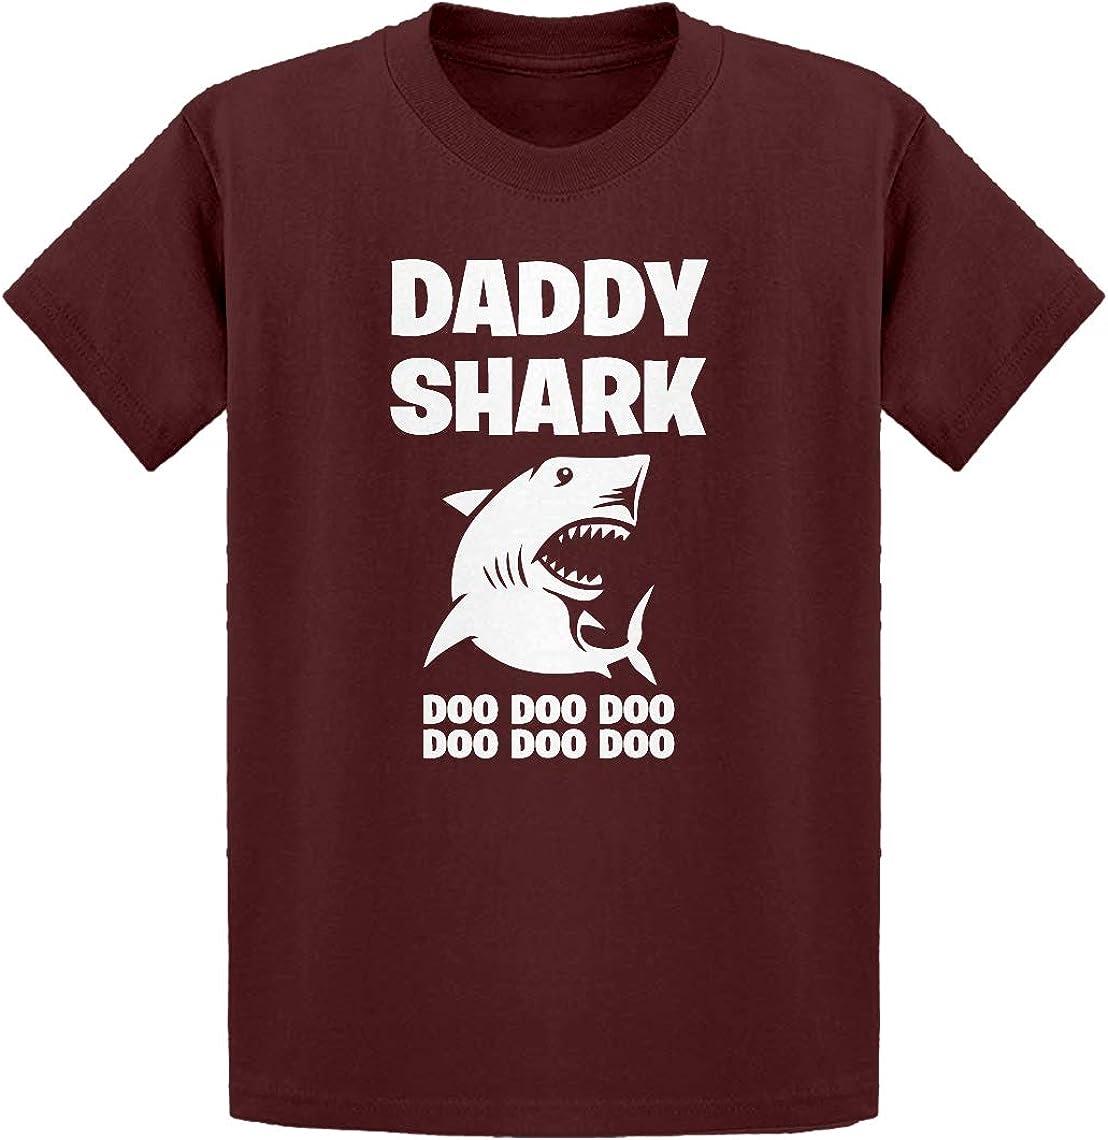 Daddy Shark Kids T-Shirt